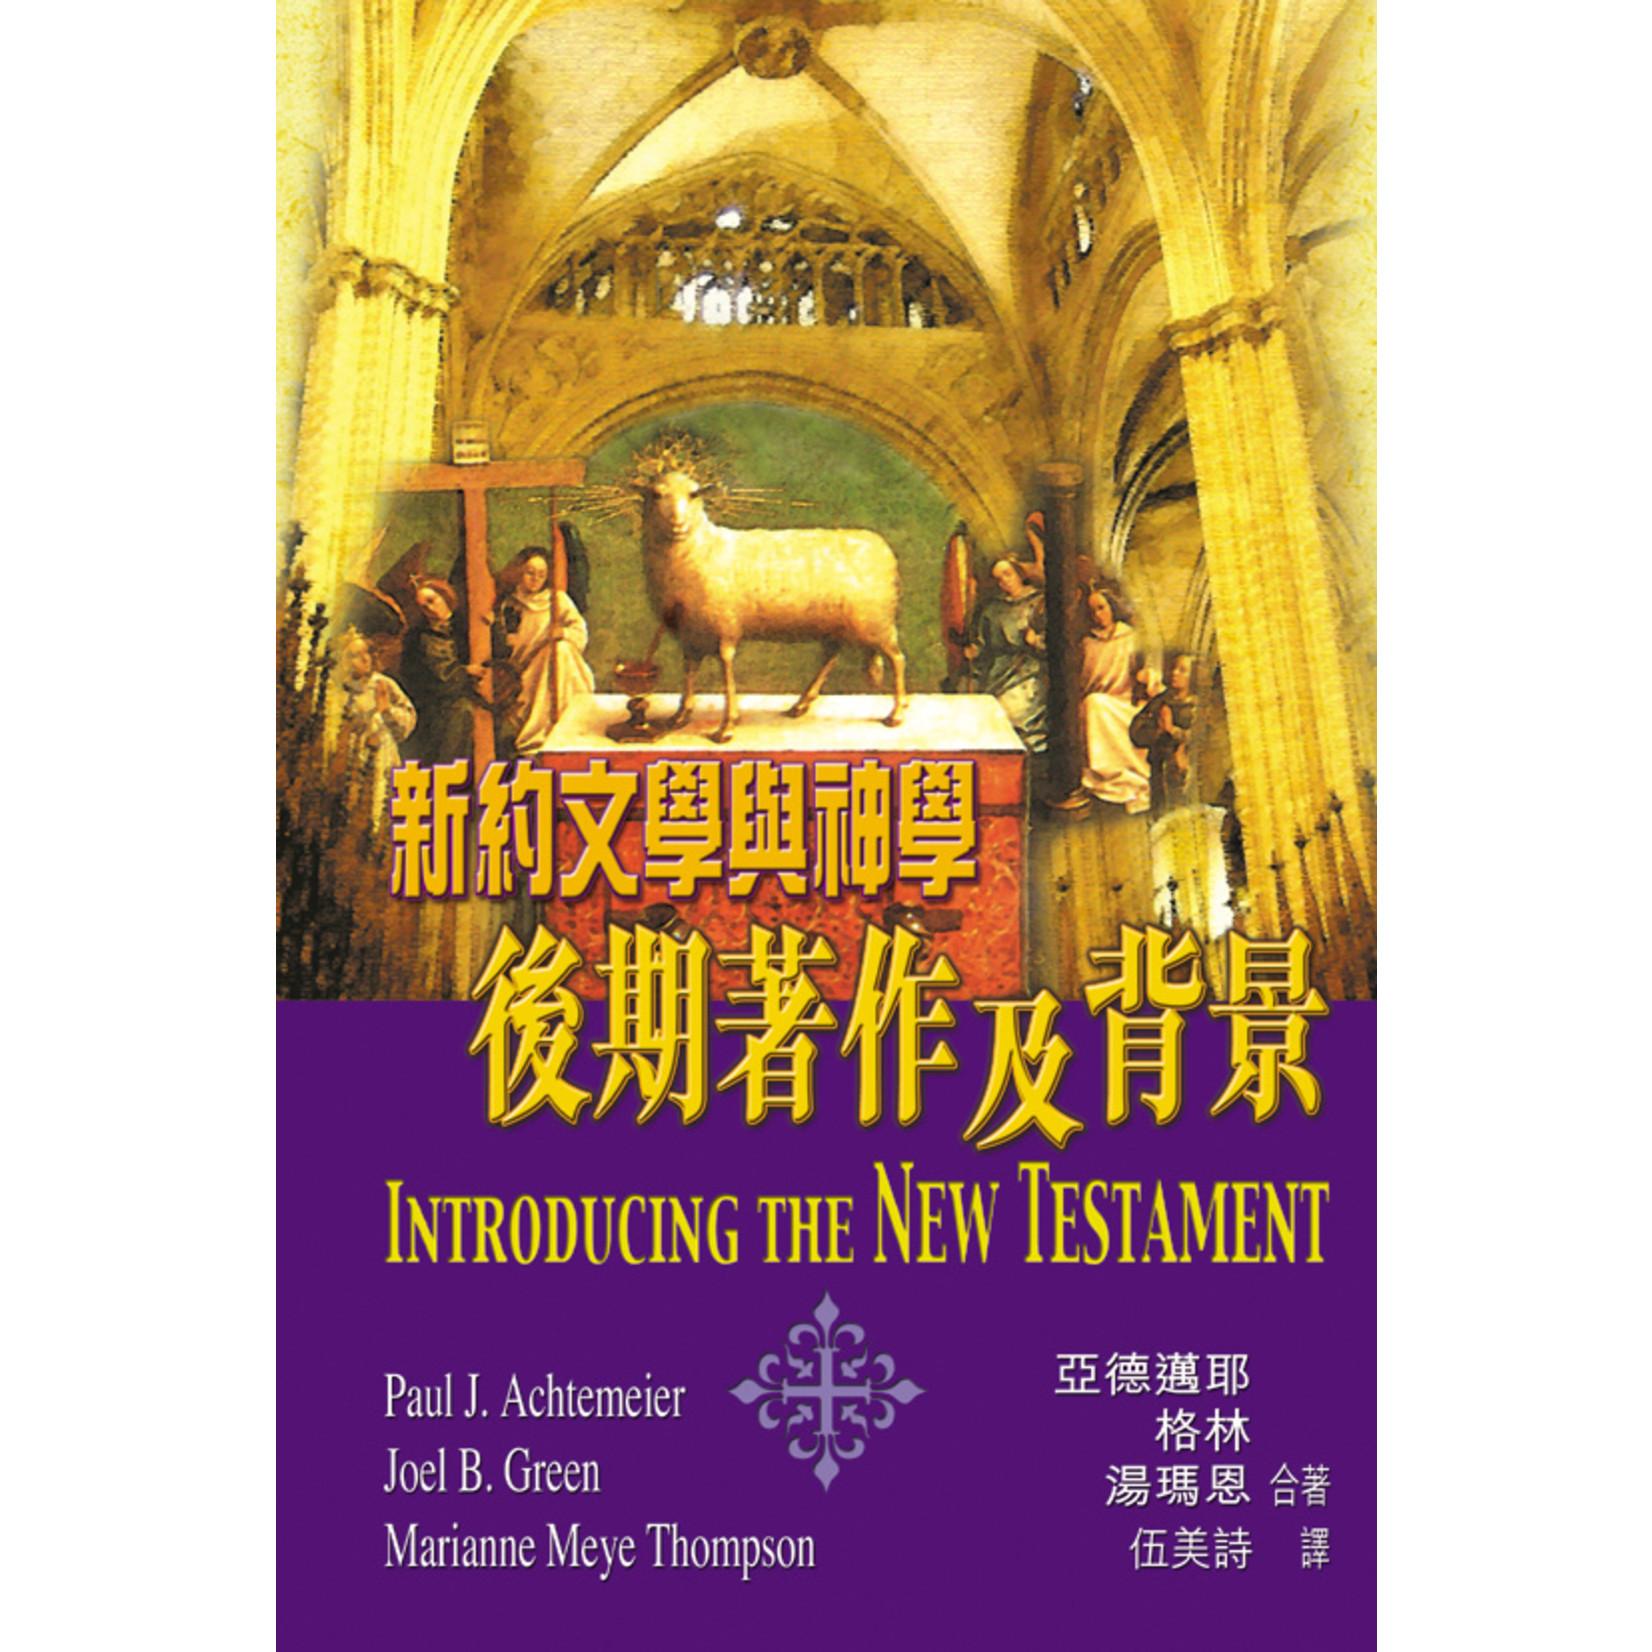 天道書樓 Tien Dao Publishing House 新約文學與神學:後期著作及背景 Introducing the New Testament: Its Literature and Theology